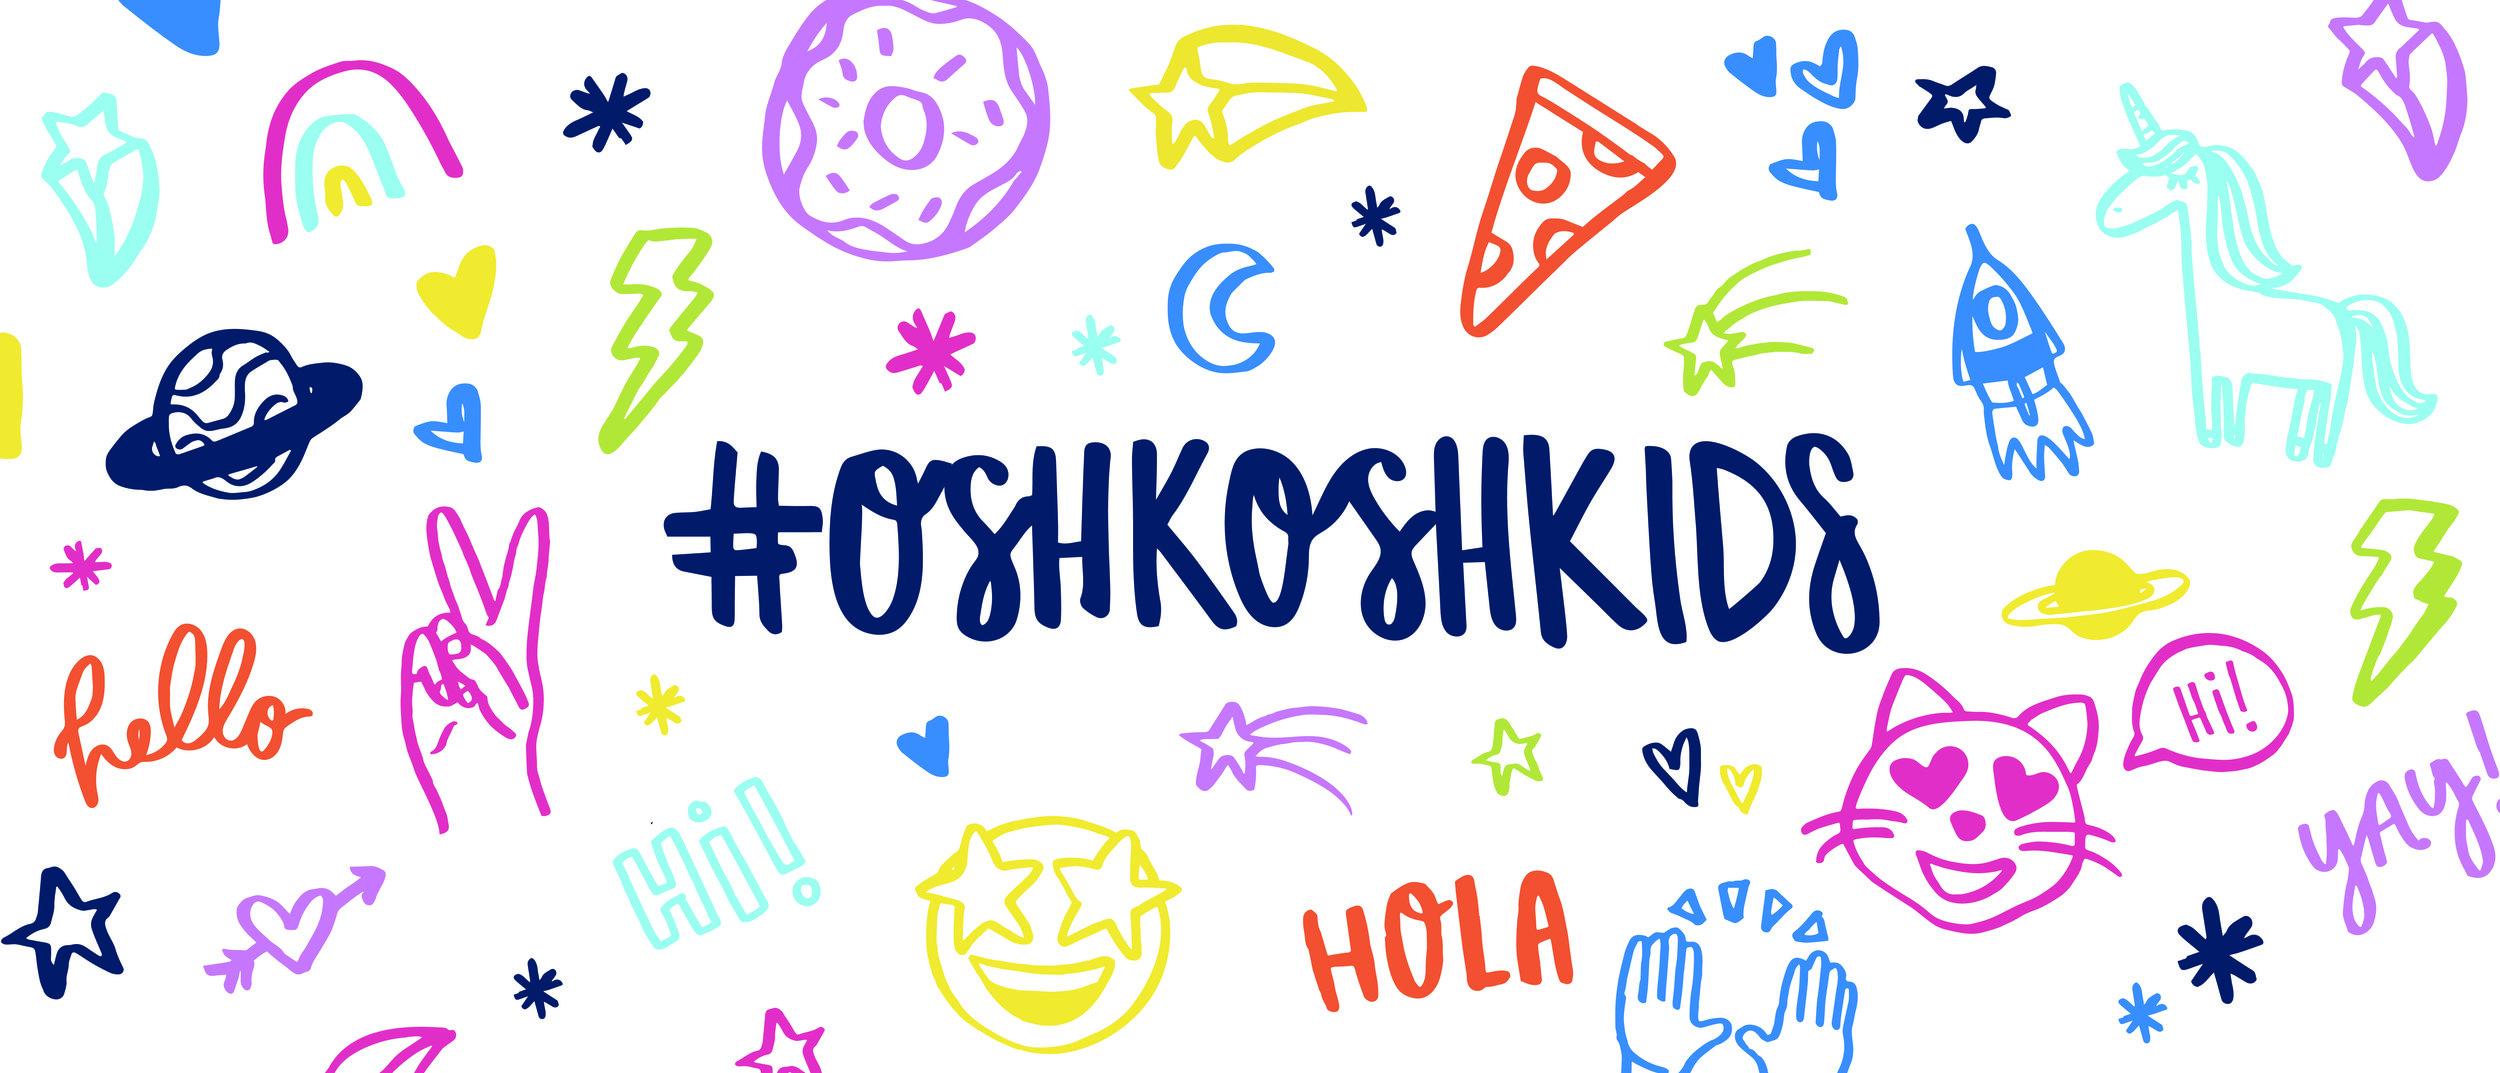 OshKosh_02.jpg